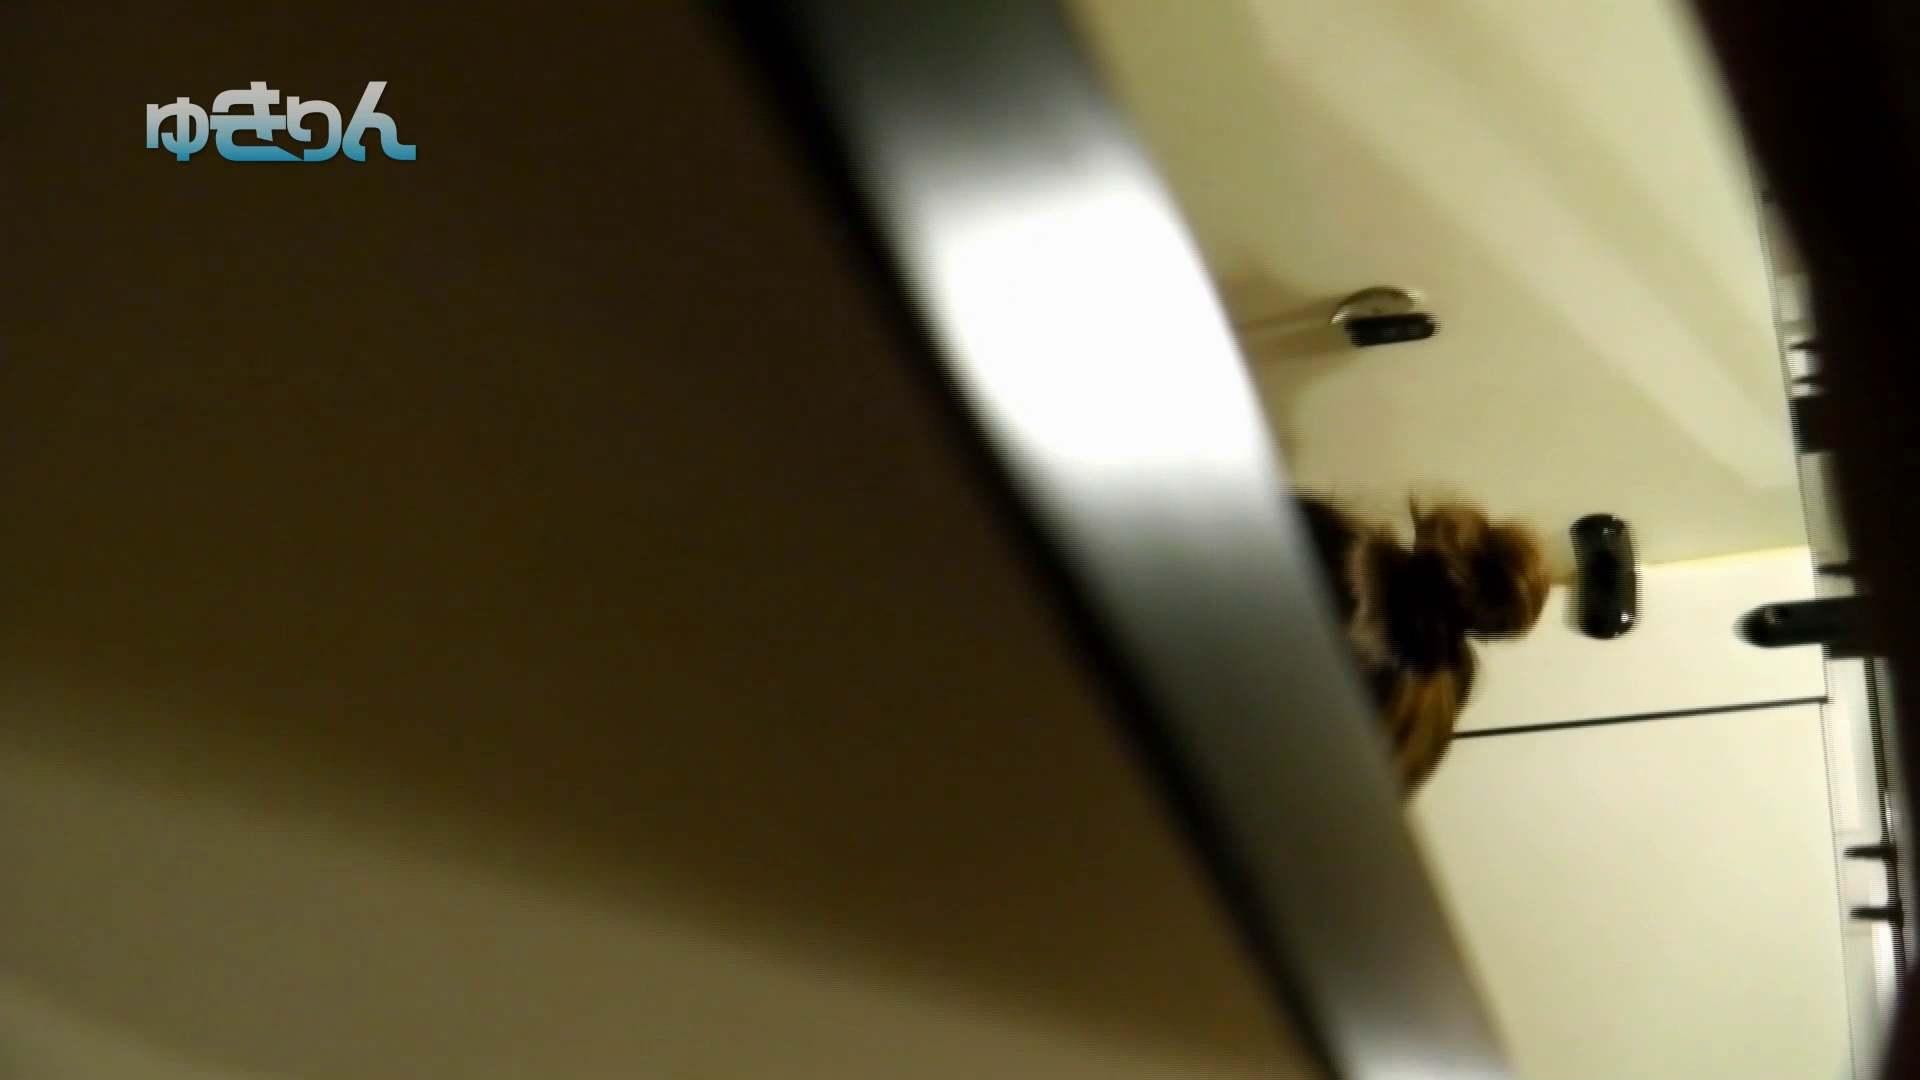 新世界の射窓 無料お試し動画02 洗面所 われめAV動画紹介 89画像 17